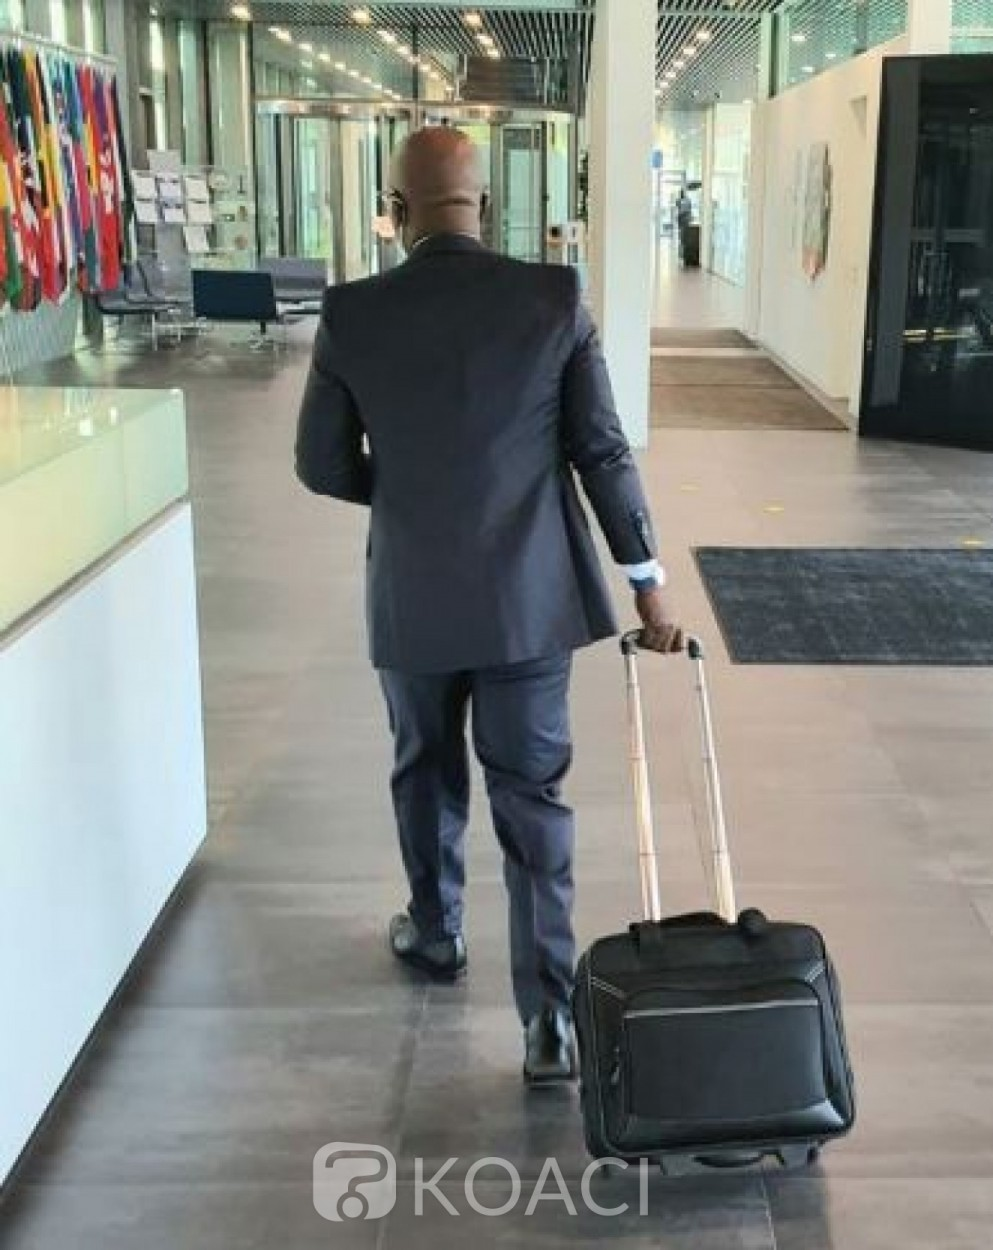 Côte d'Ivoire : Fin des audiences sur l'appel du procureur, Blé Goudé : « Je donne dos au passé avec le regard désormais tourné vers l'avenir »